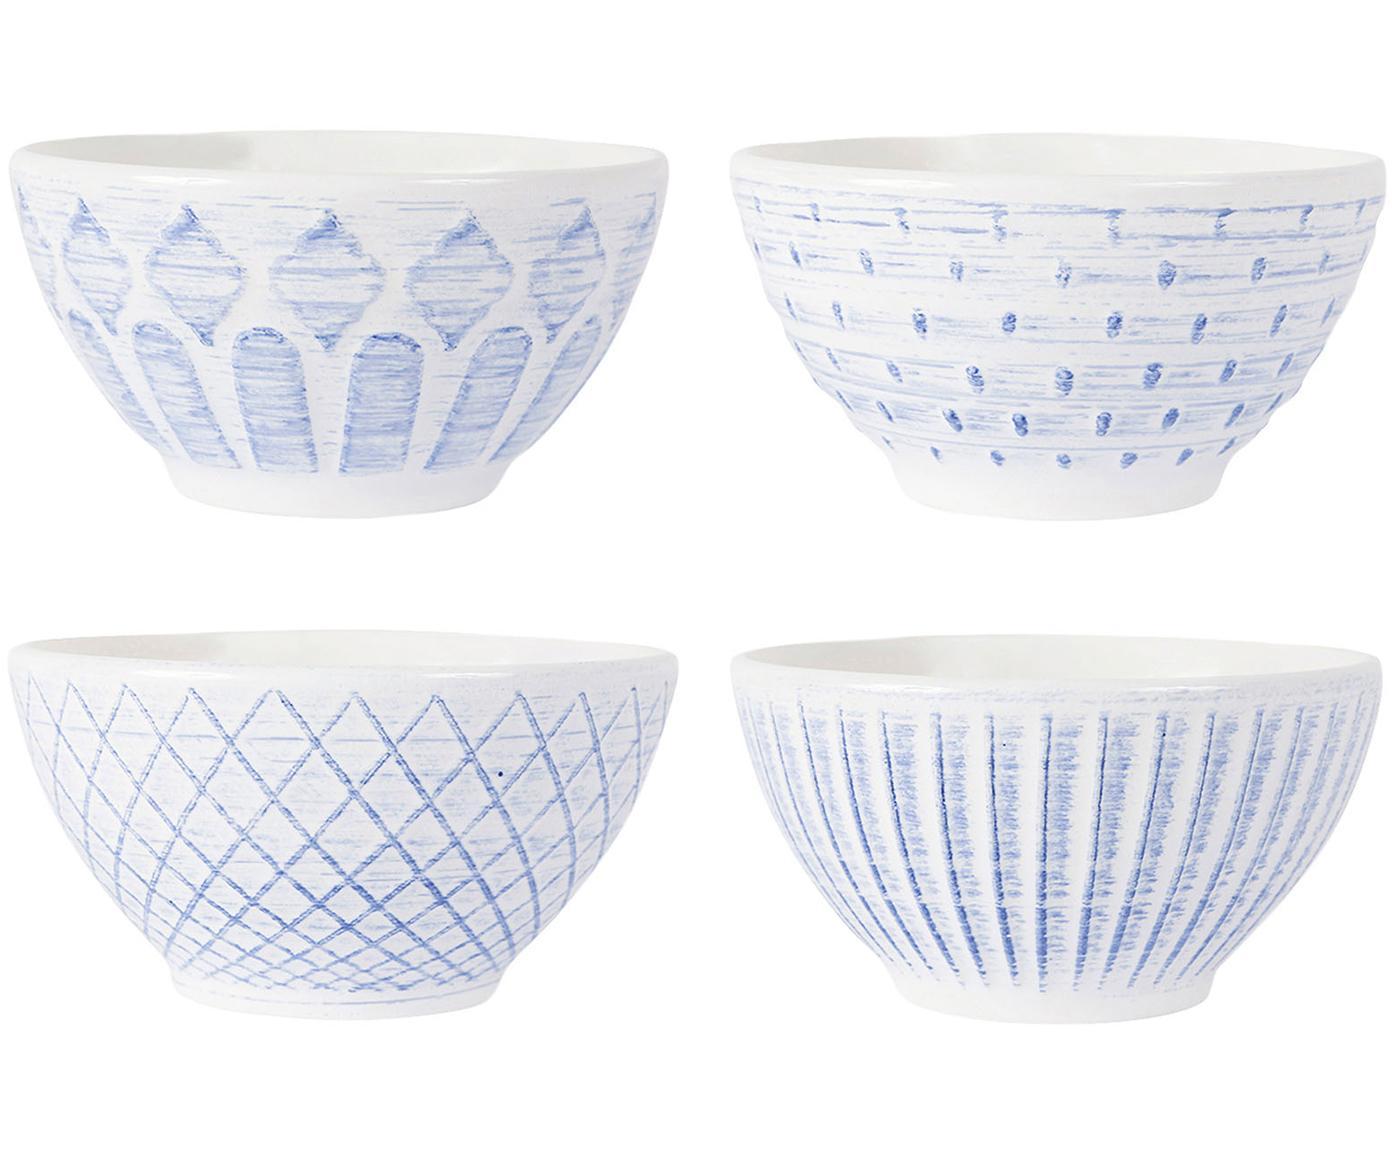 Miska Tartine, 4 szt., Kamionka, Niebieski, biały, Ø 20 x W 17 cm